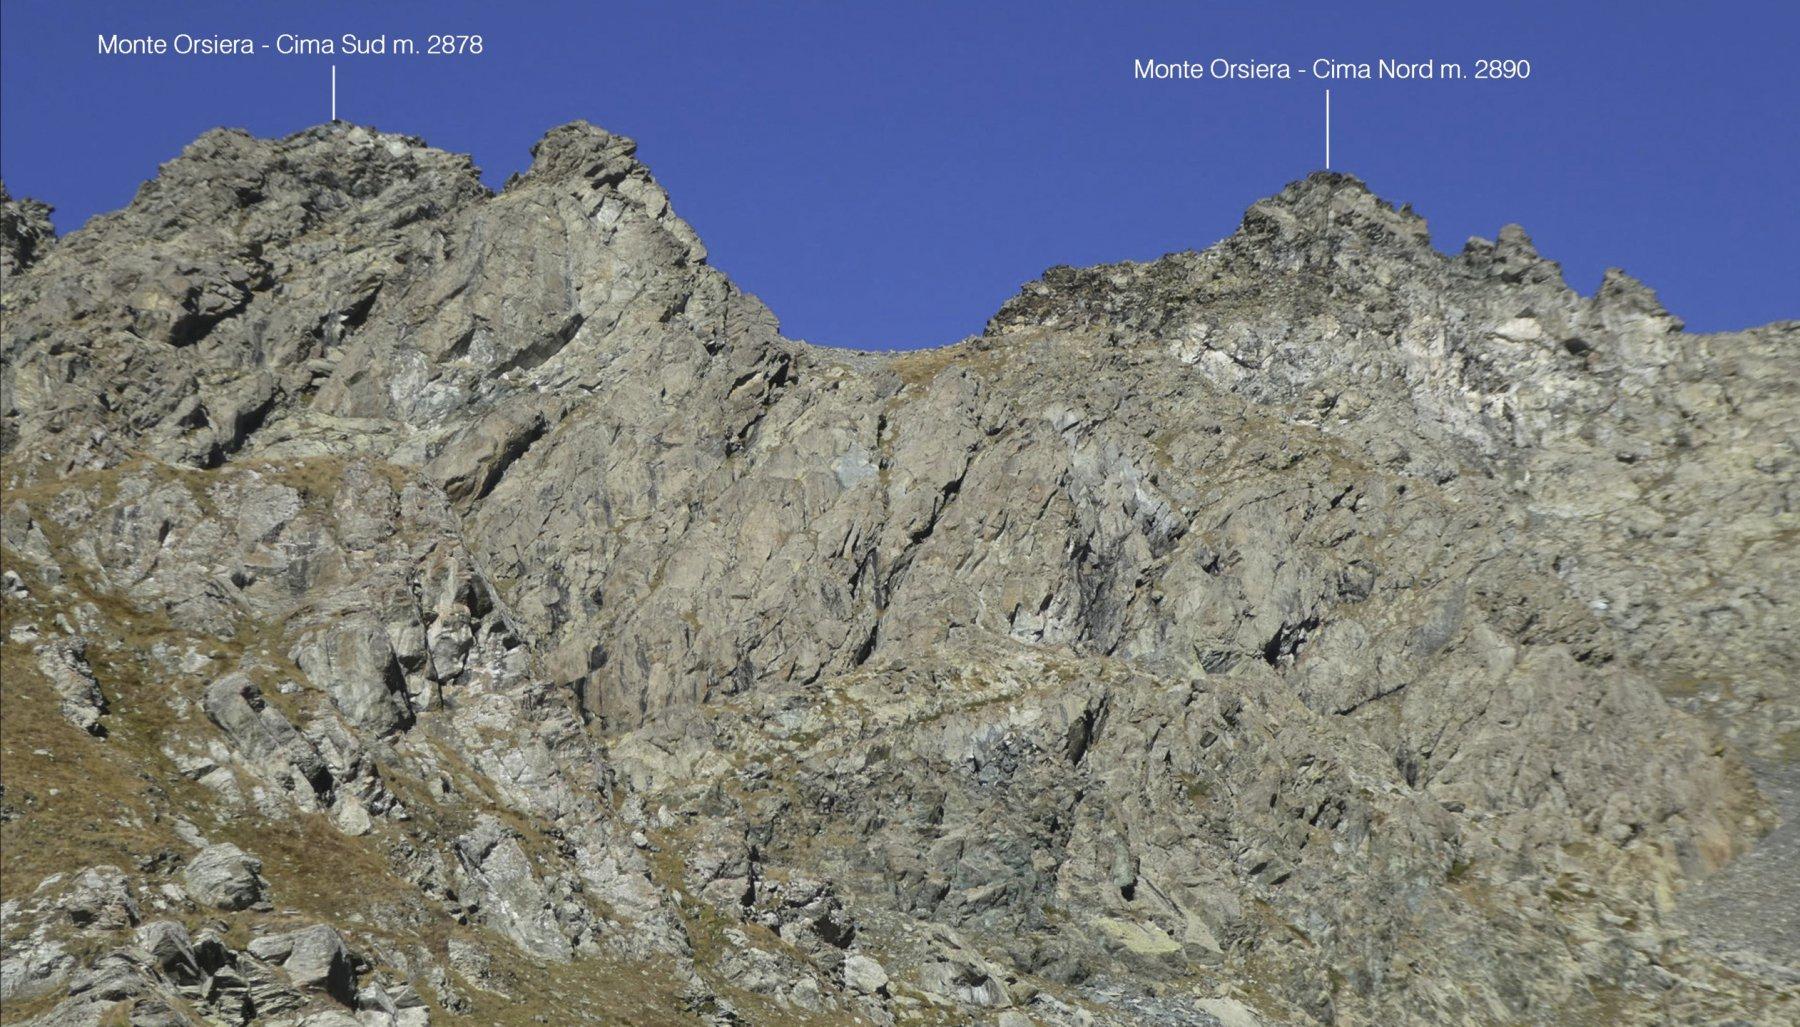 le due cime dell'Orsiera viste dal Lago Chardonnet